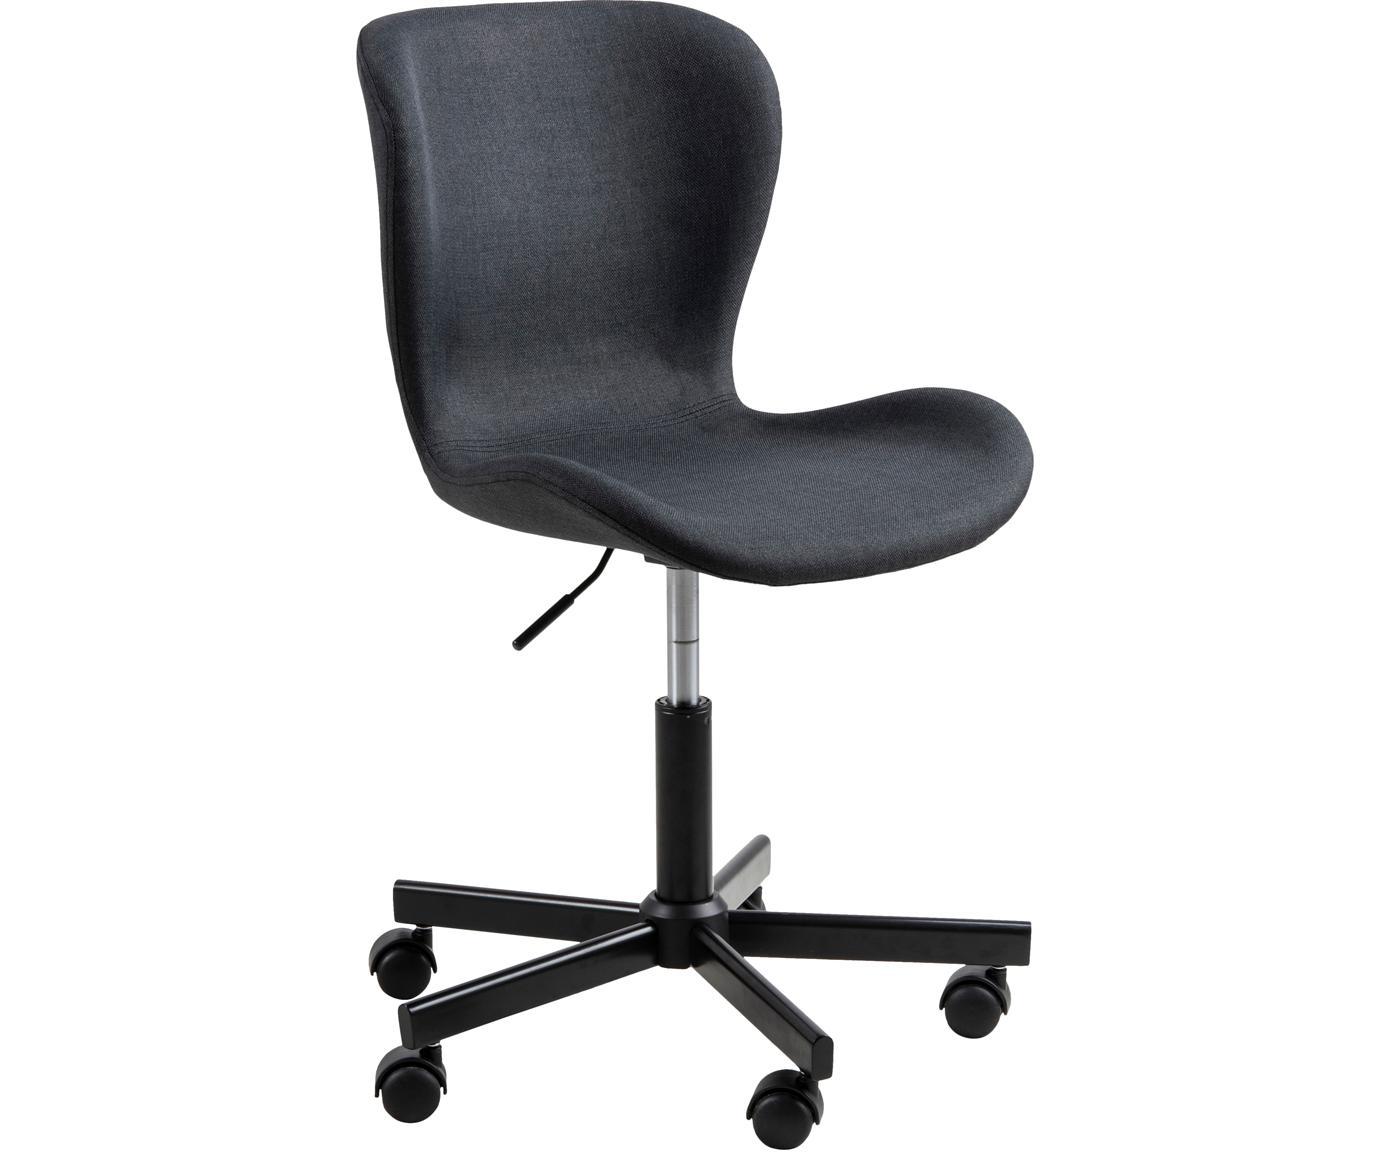 Biurowe krzesło obrotowe Batilda, Tapicerka: tkanina, Nogi: metal malowany proszkowo, Antracytowy, S 55 x G 54 cm